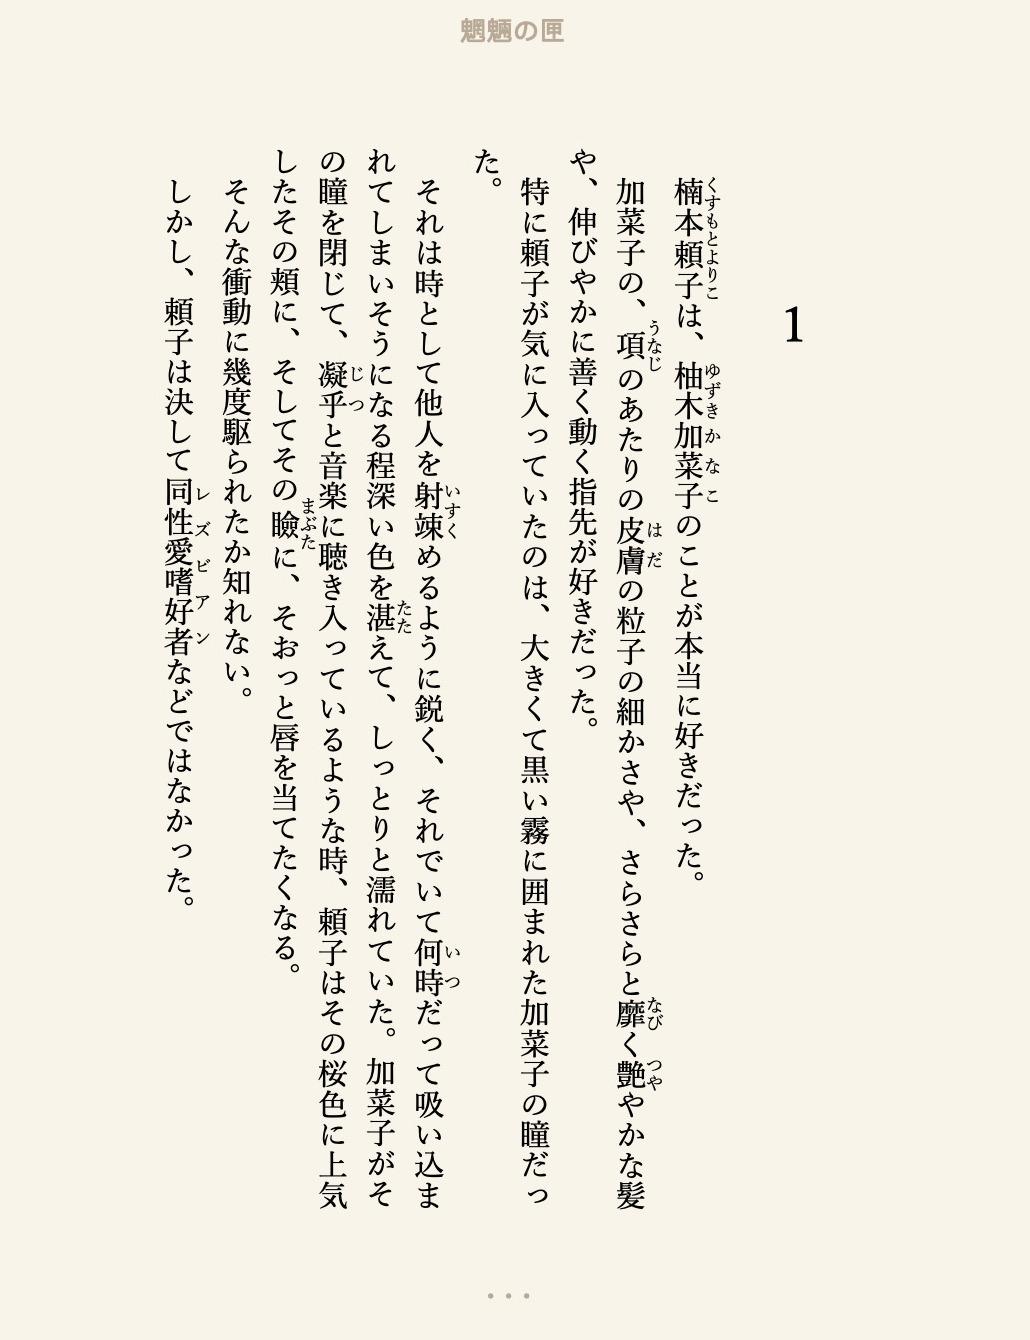 狂骨之梦-样张-0